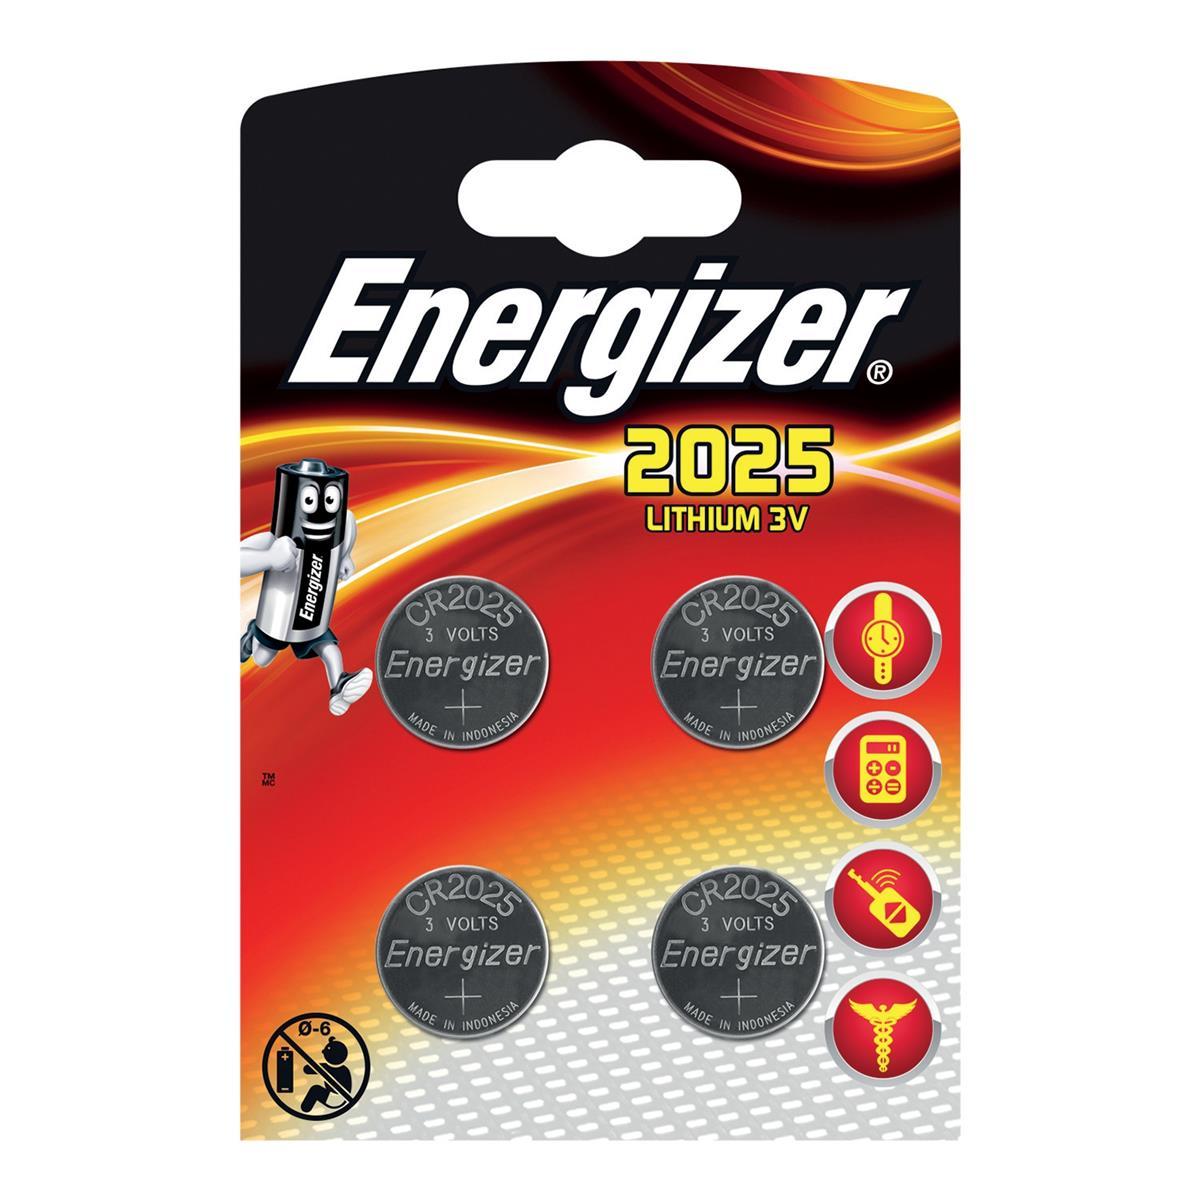 Energizer Lithium Battery CR2025 3V Ref E300520500 [Pack 4]